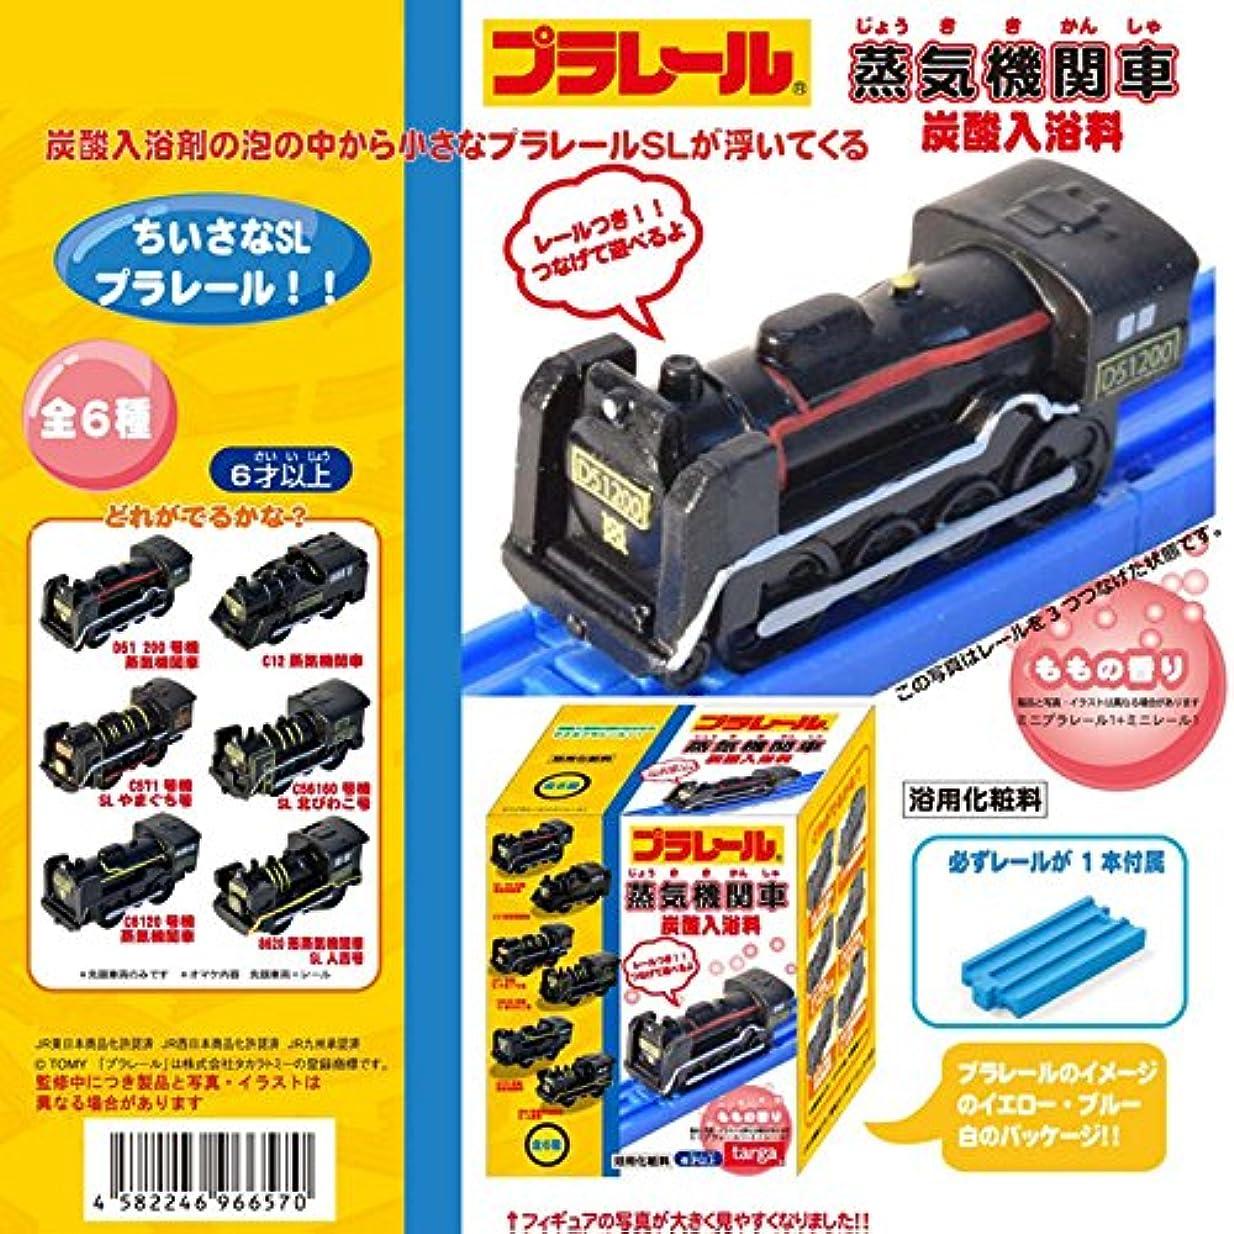 合金割り込み雨のプラレール 蒸気機関車 炭酸入浴料 6個1セット ももの香り レールつき機関車 入浴剤